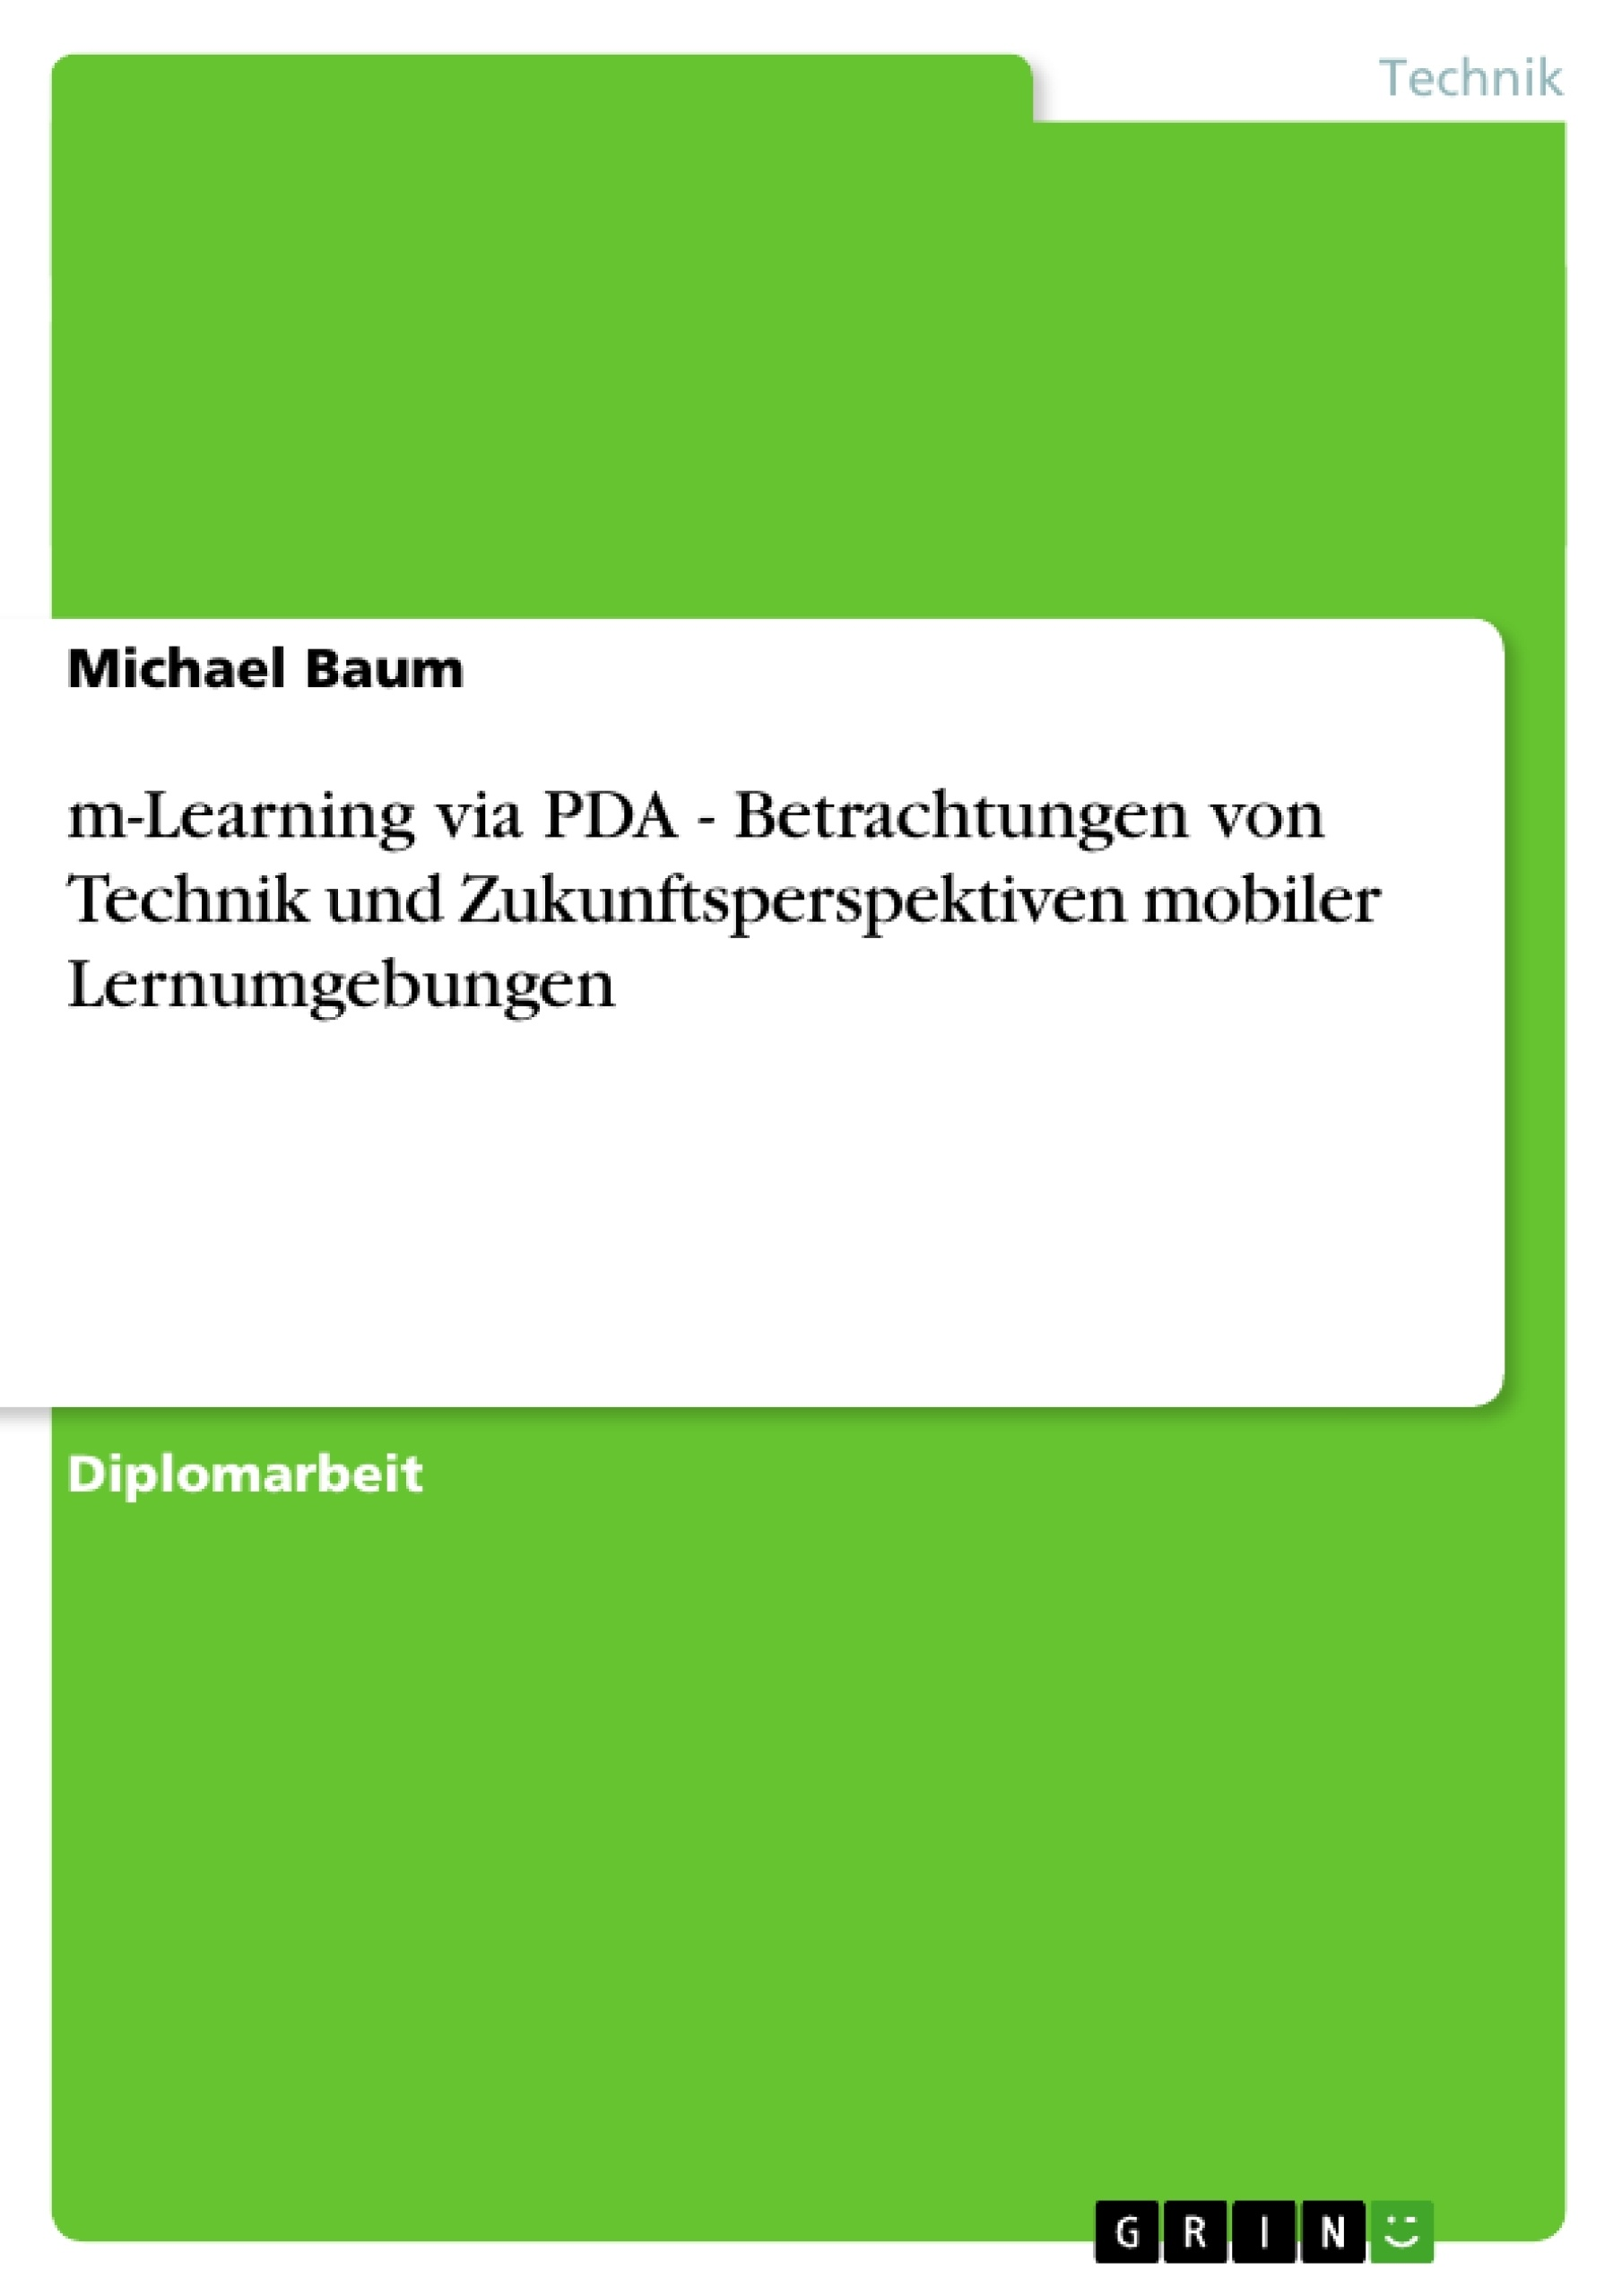 Titel: m-Learning via PDA - Betrachtungen von Technik und Zukunftsperspektiven mobiler Lernumgebungen